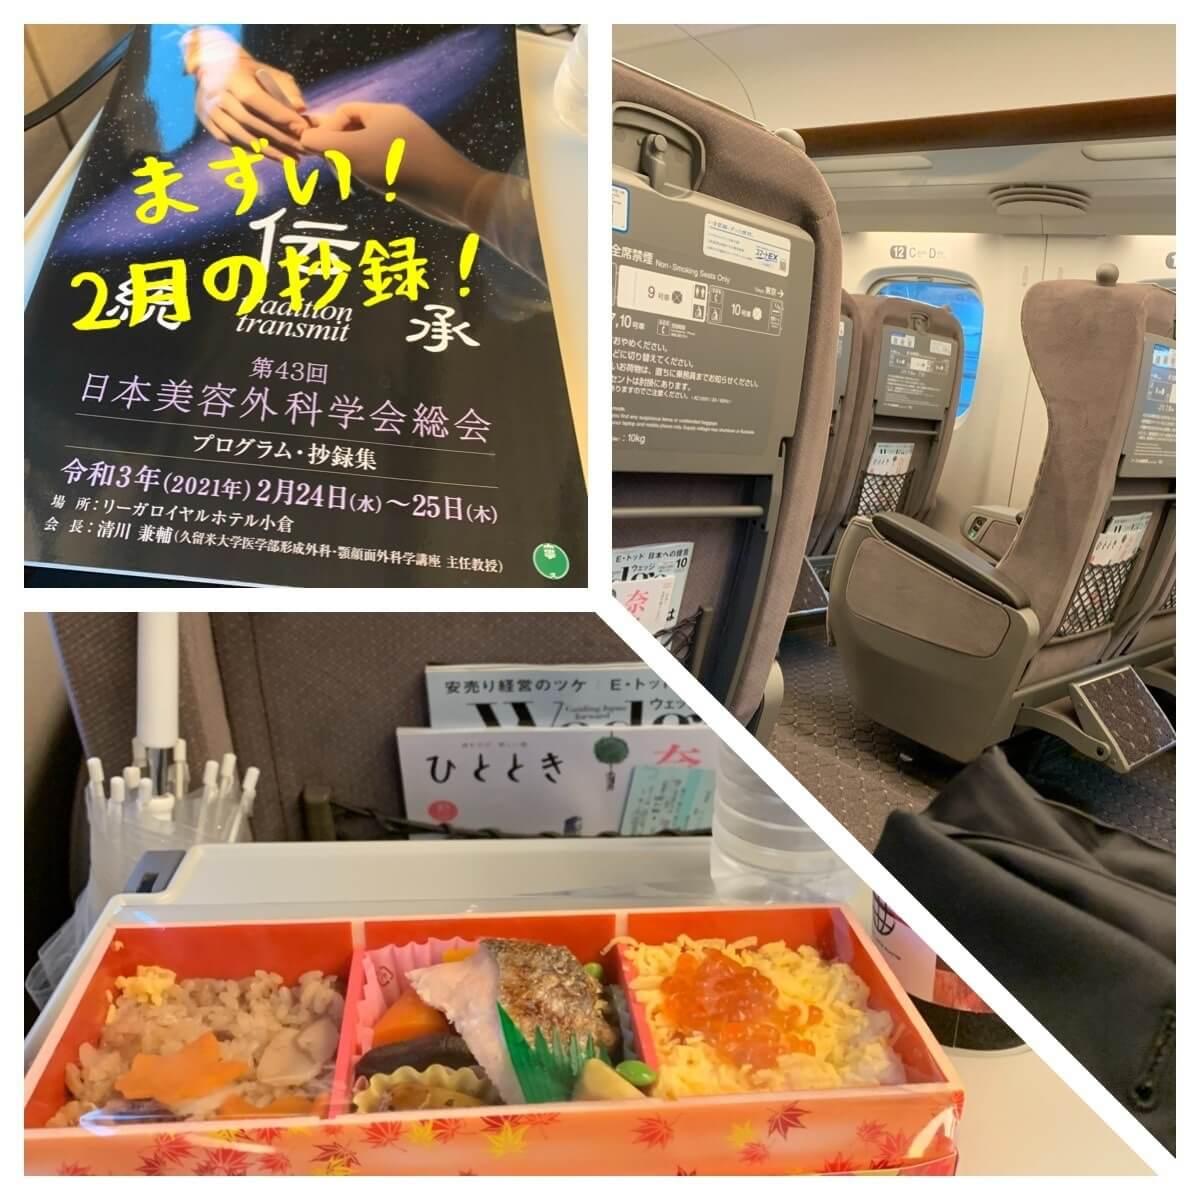 日本美容外科学会2021、行ってきました!